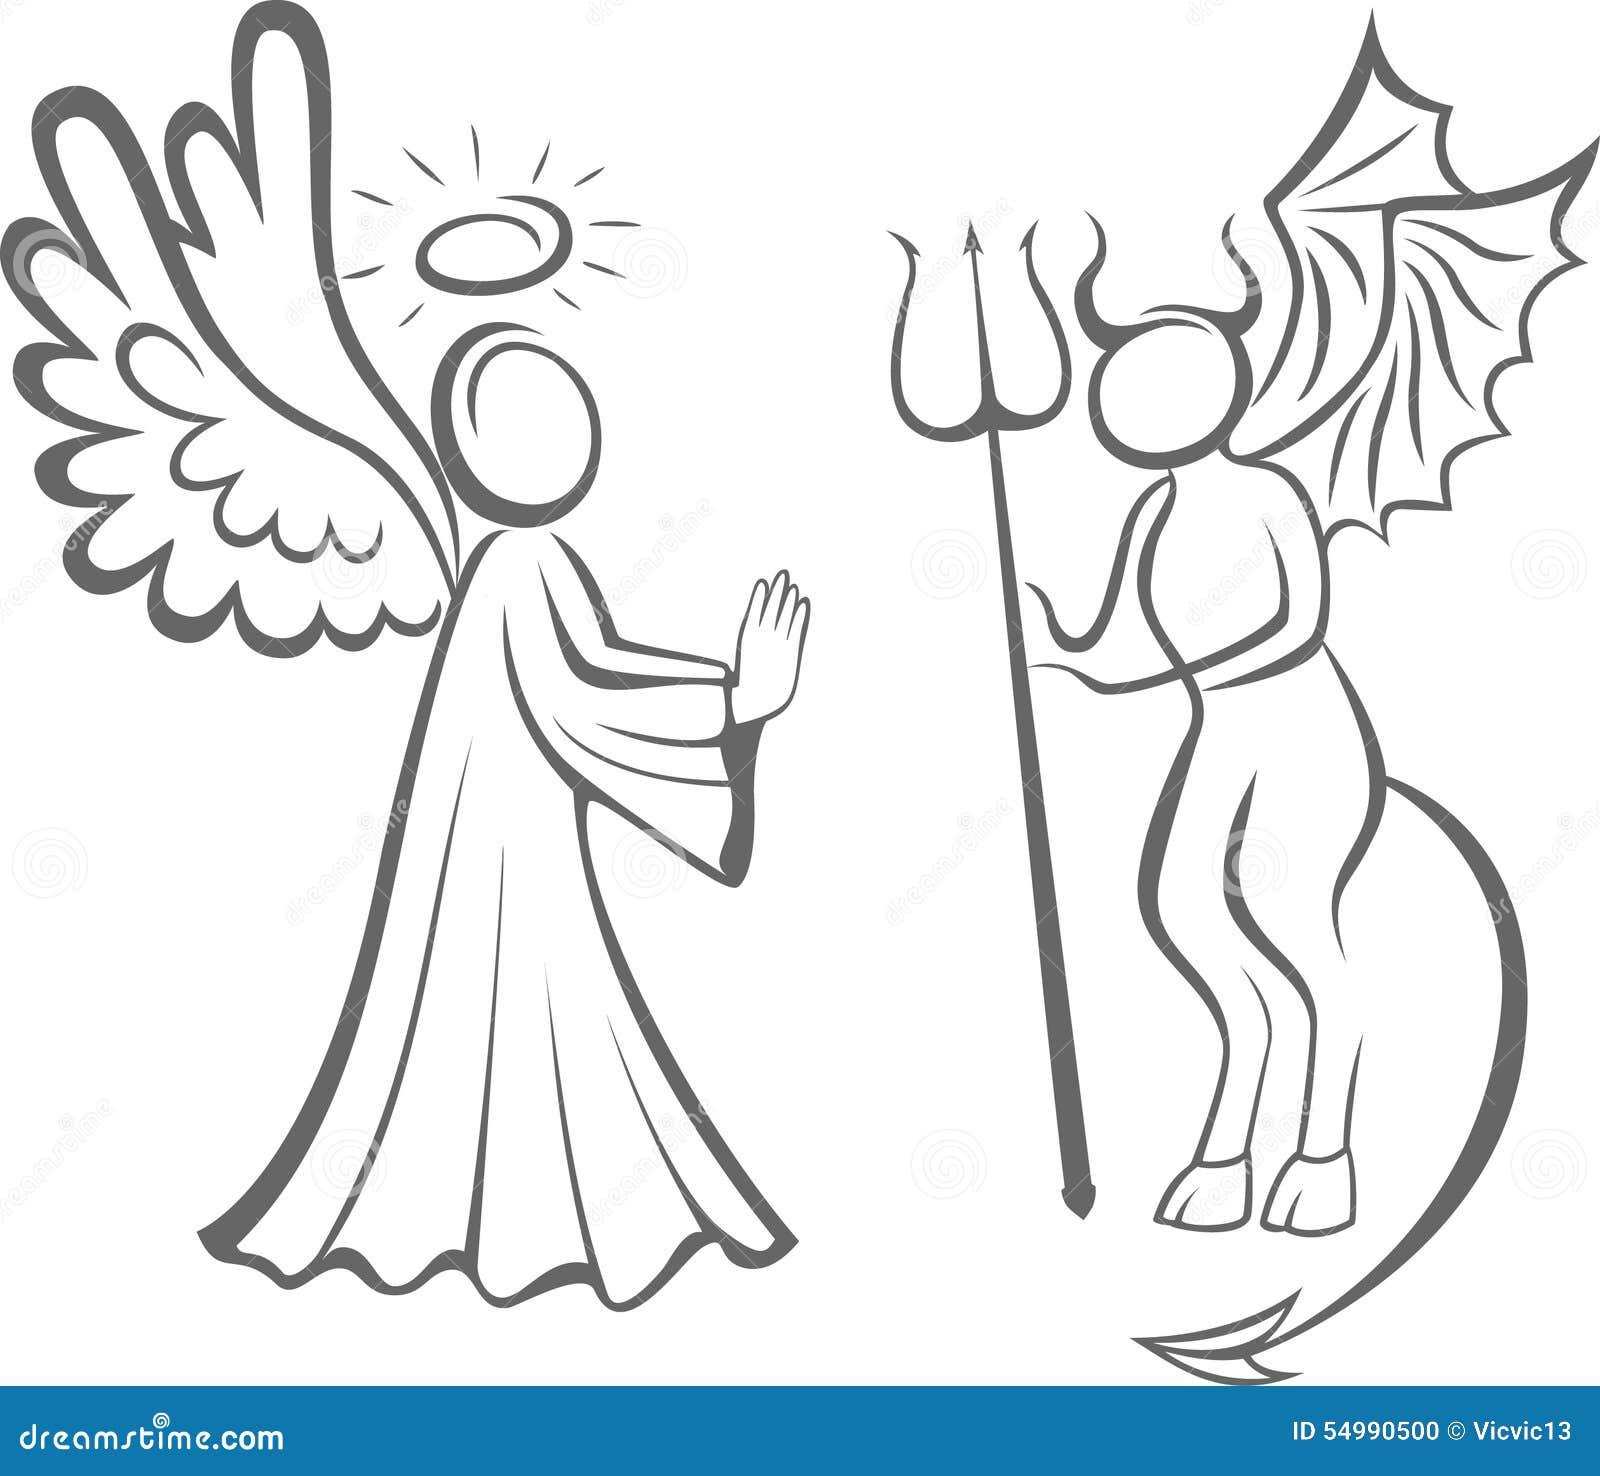 Anjo e diabo Bom contra o mal tomada de decisão